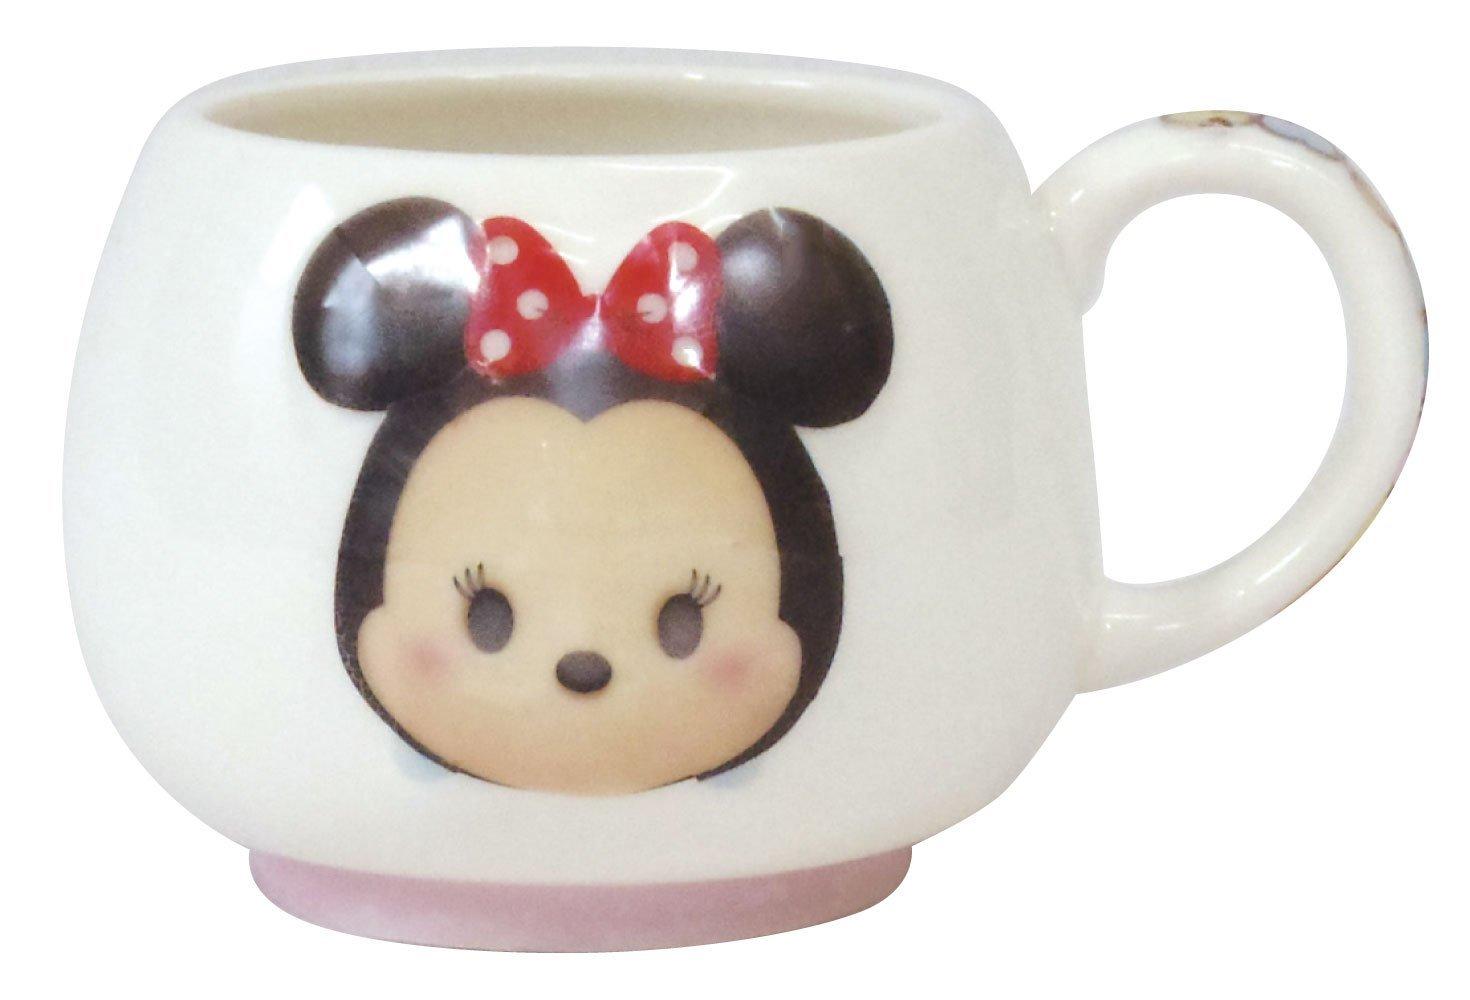 【真愛日本】15061800007 茲姆杯-立體米妮 迪士尼 米老鼠米奇 米妮 杯子 馬克杯 正品 限量 預購